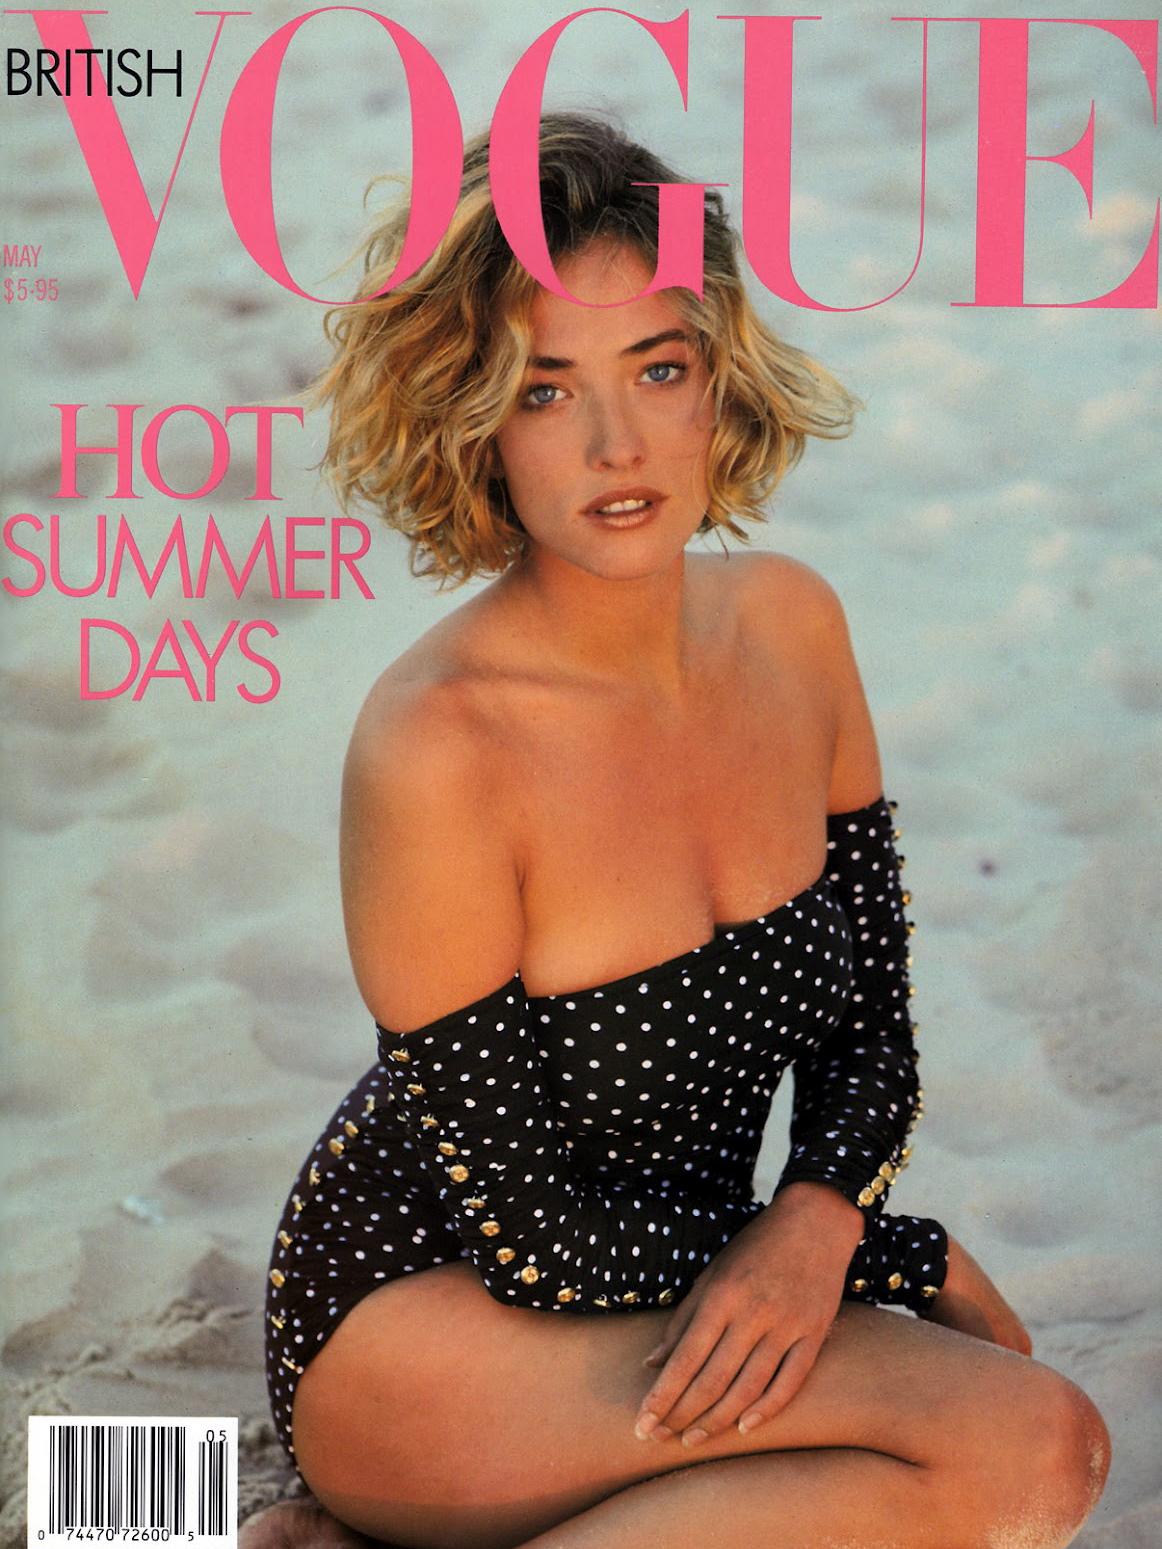 Vogue (UK) May 1989 | Tatjana Patitz